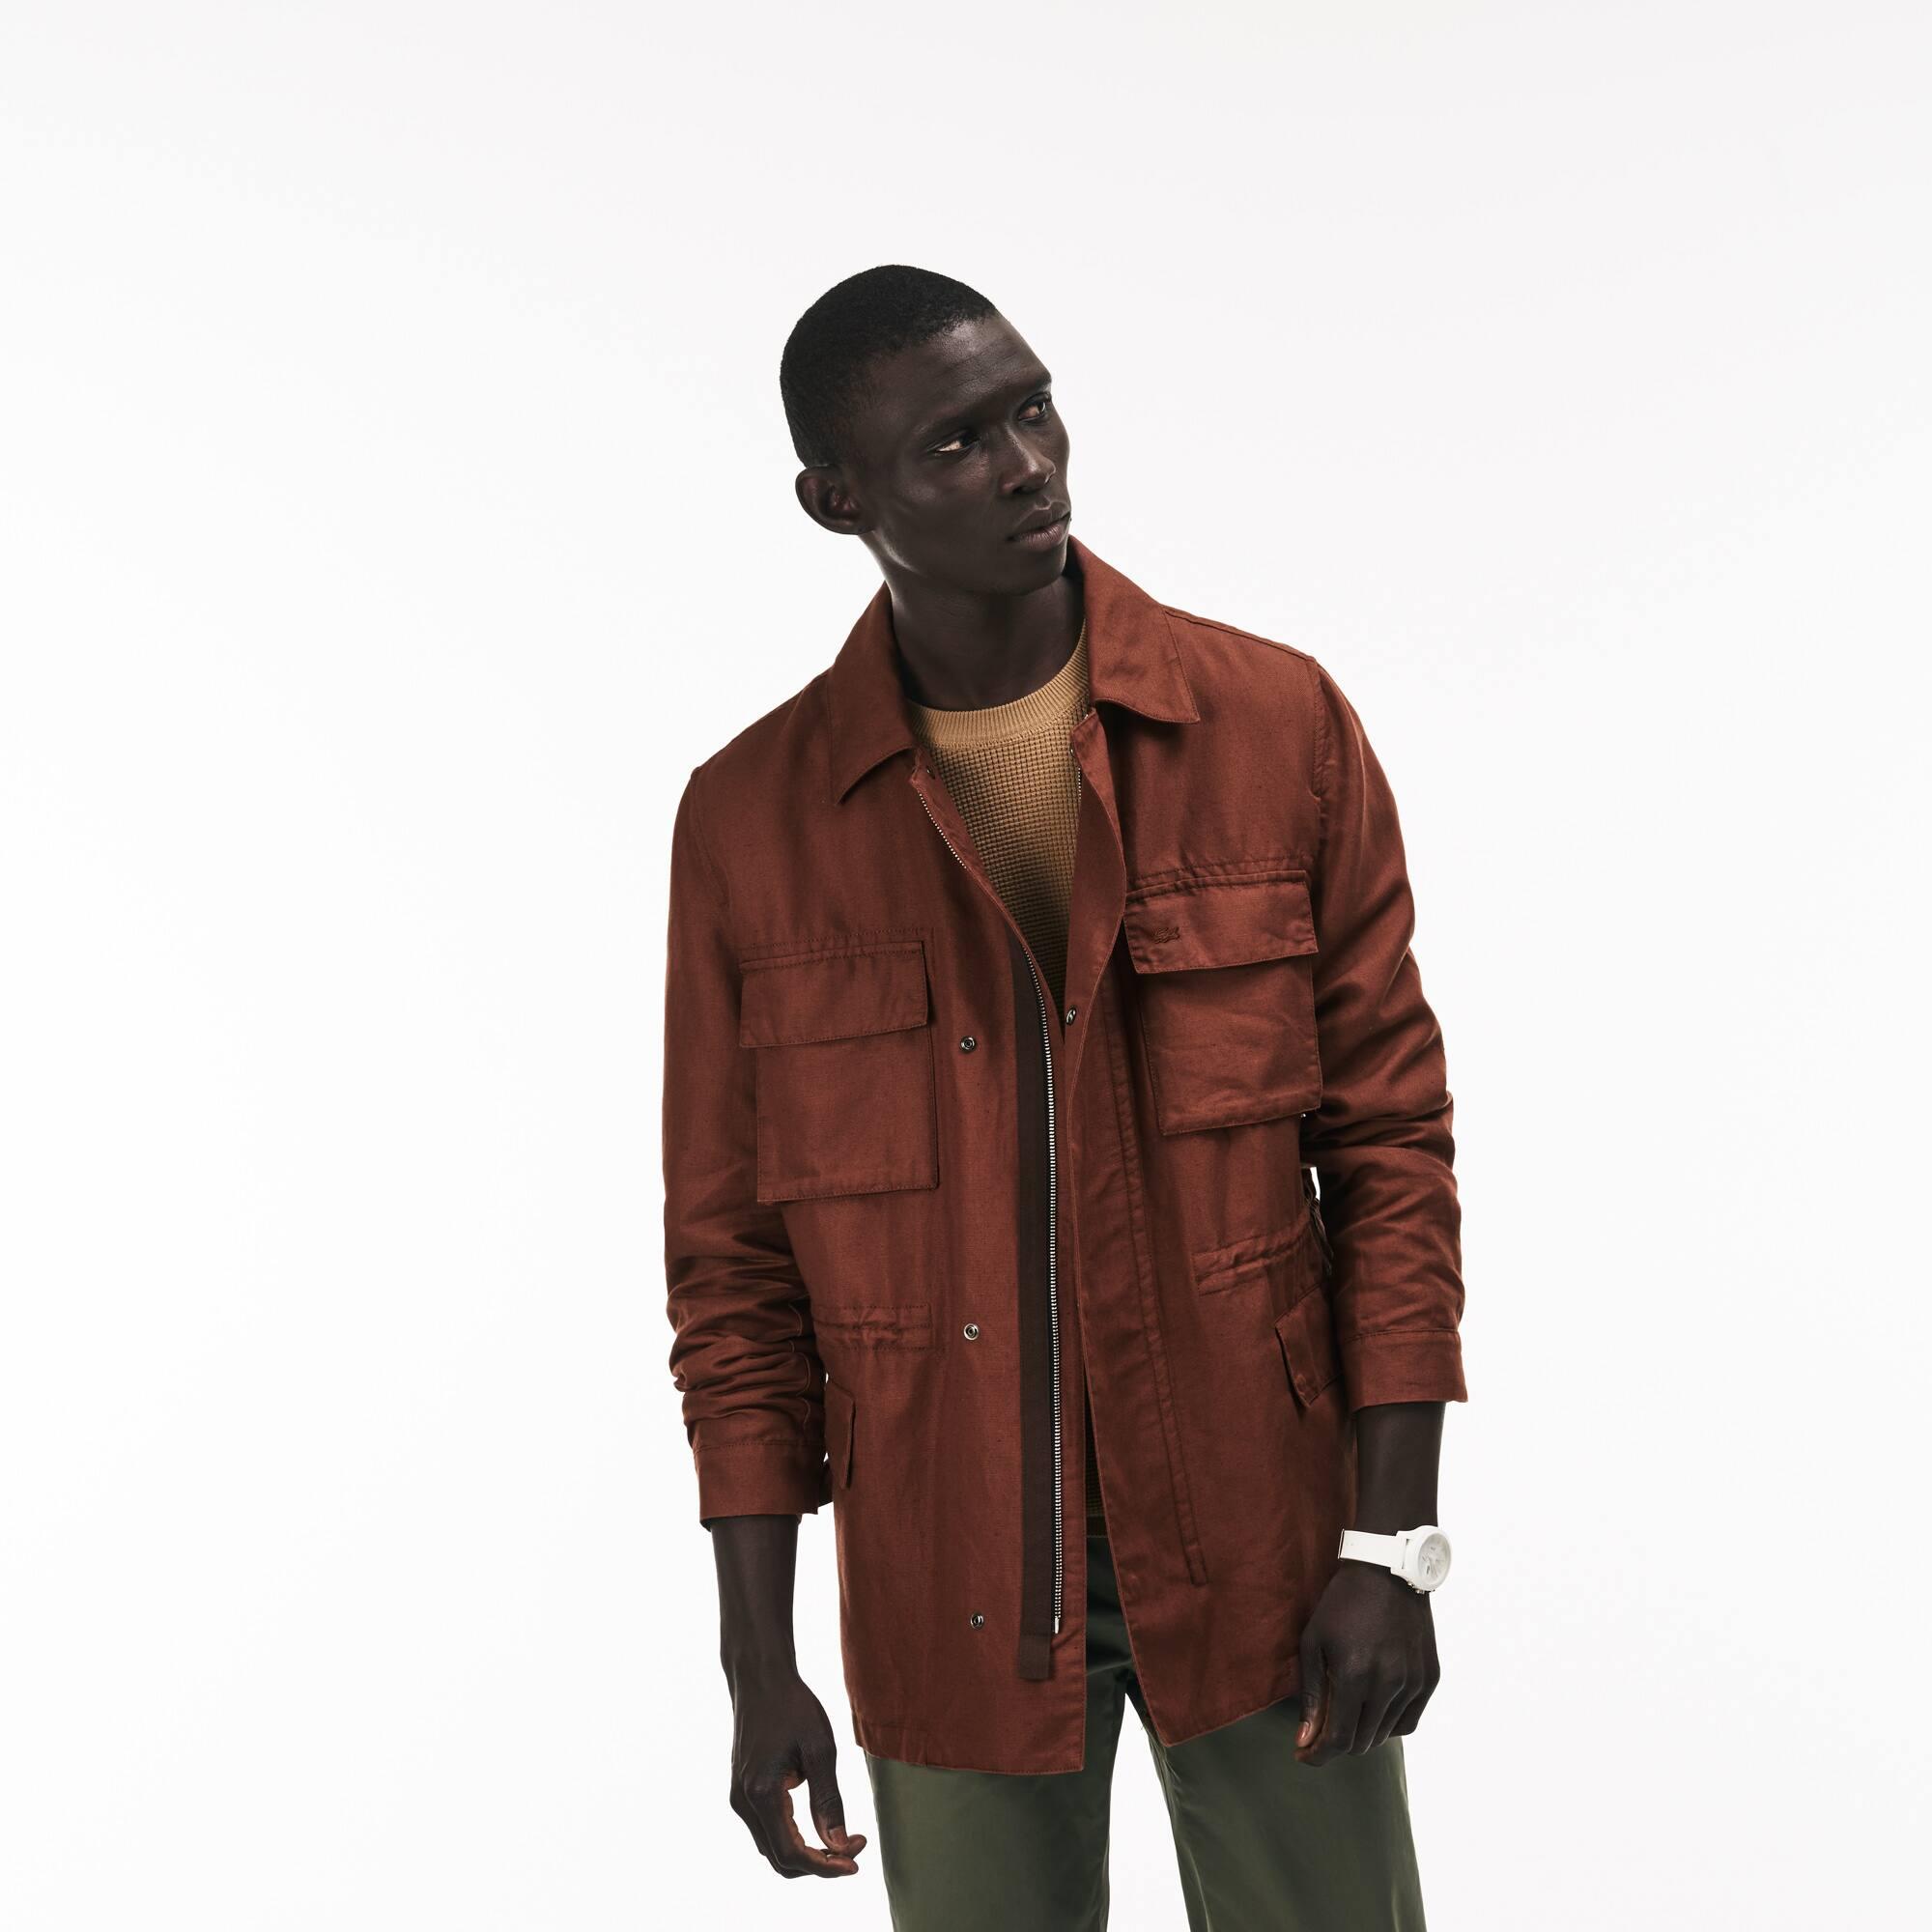 Herren anpassbare Canvas Jacke mit verschiedenen Taschen